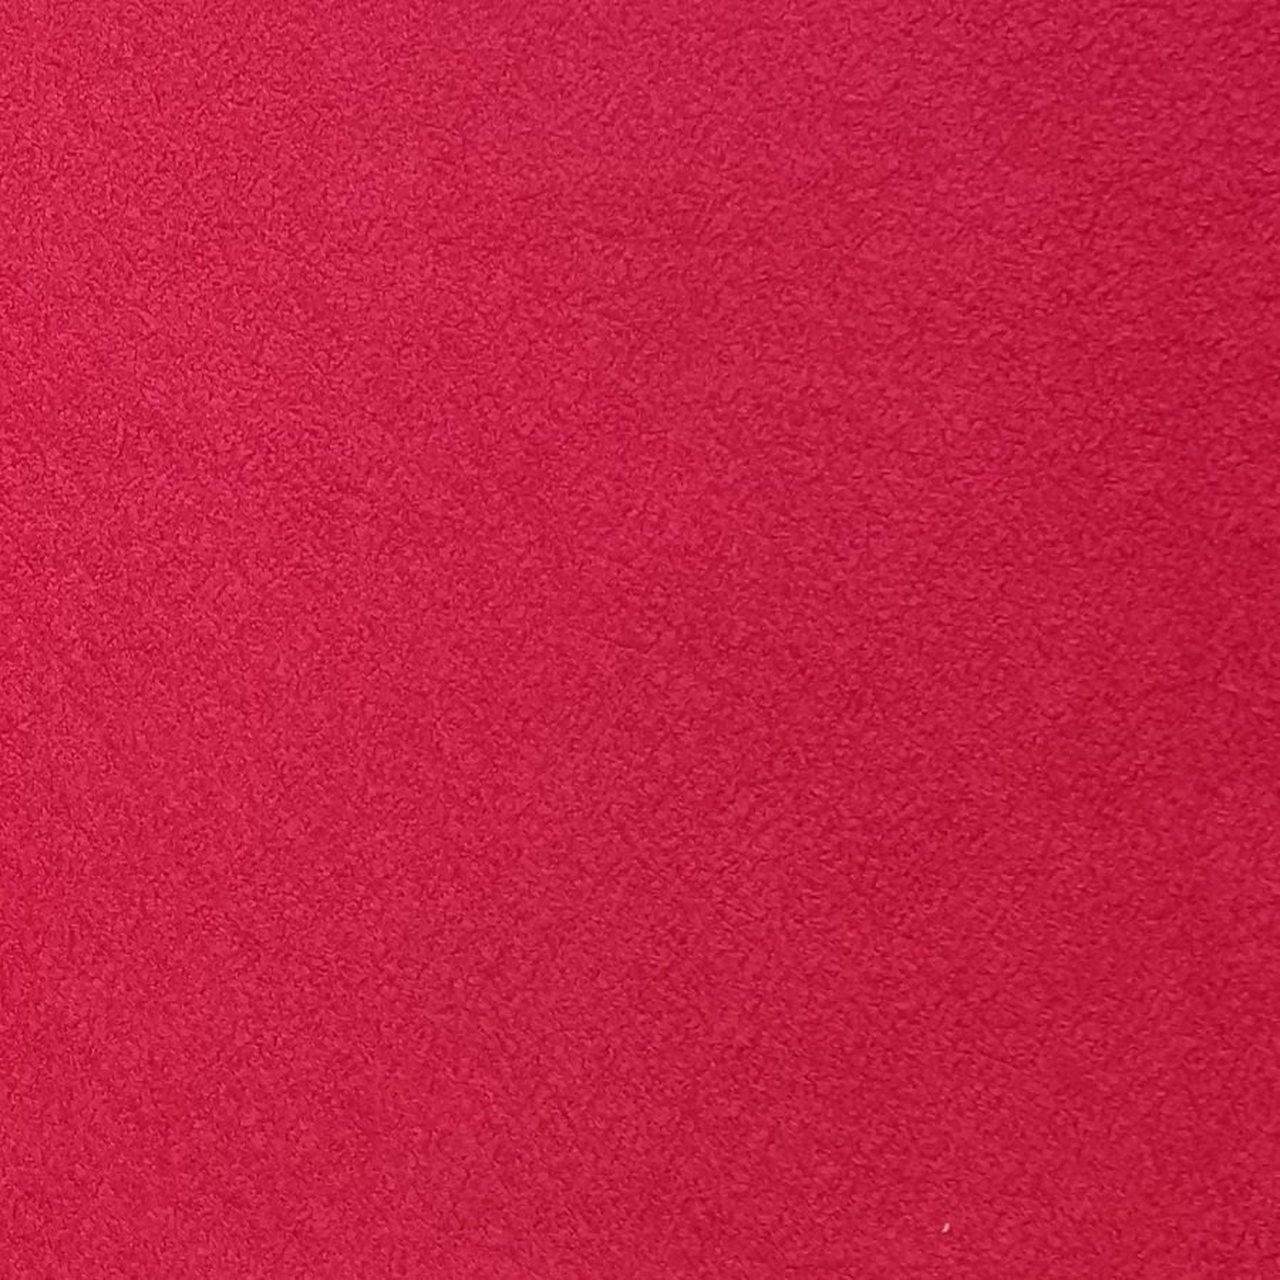 Moda Fireside 60 Polyester Wide Back - Red